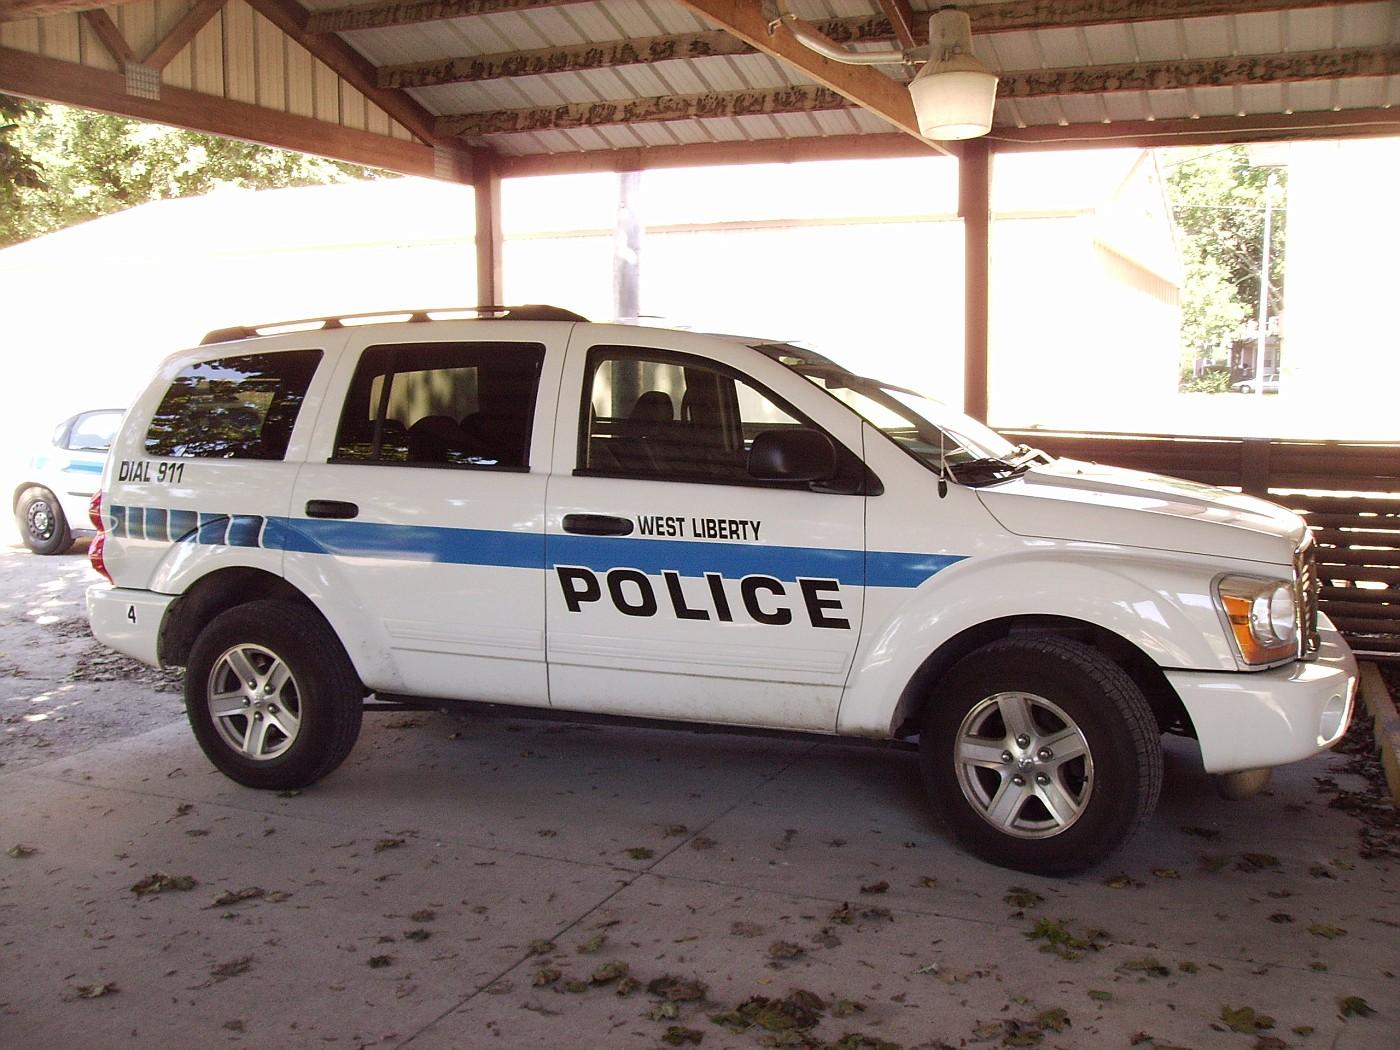 IA - West Liberty Police